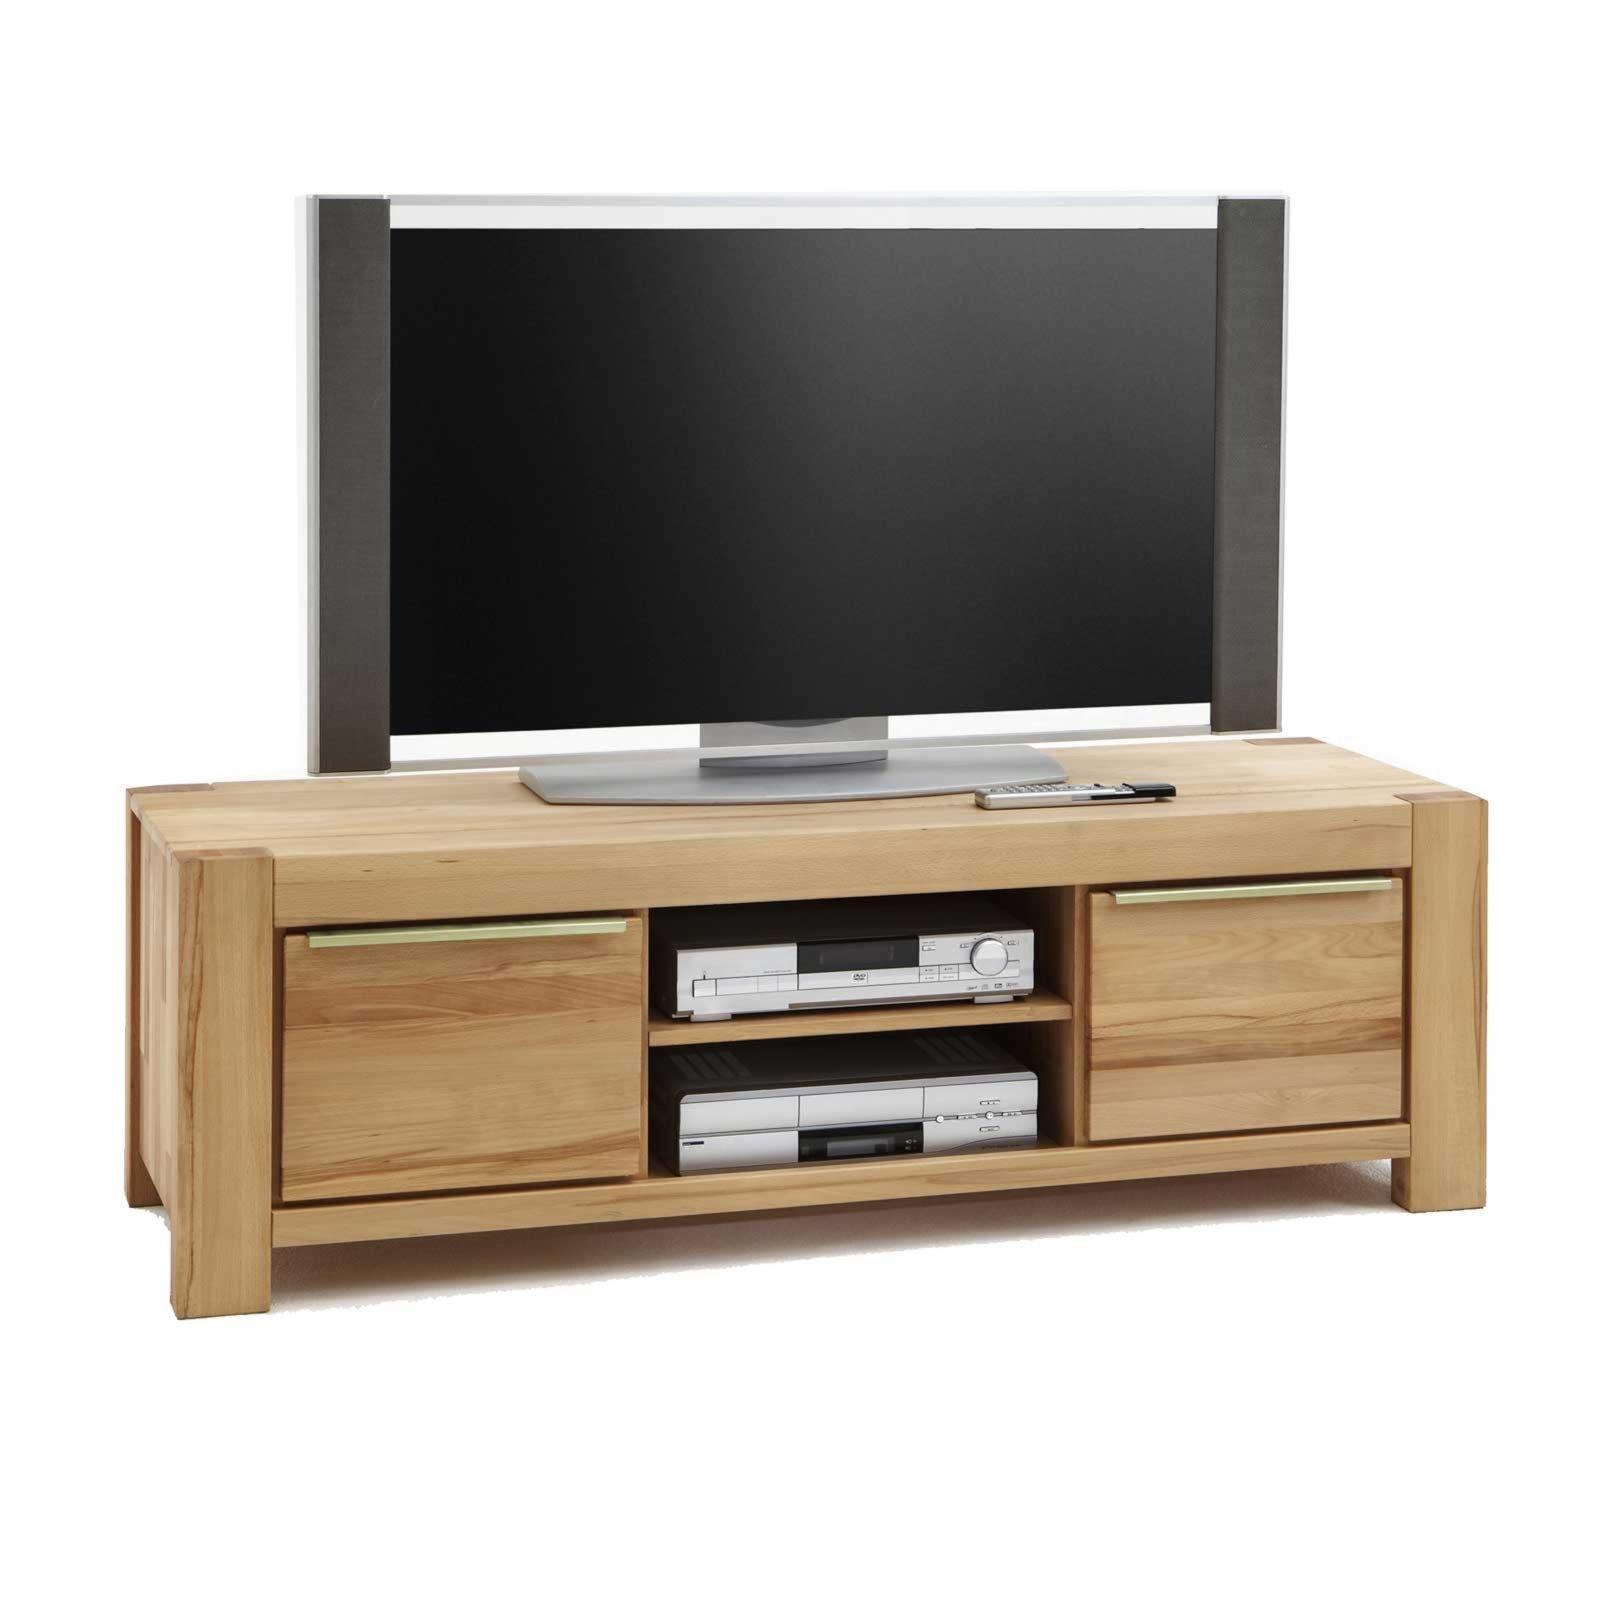 lowboard nena kernbuche massivholz 155 cm ebay. Black Bedroom Furniture Sets. Home Design Ideas